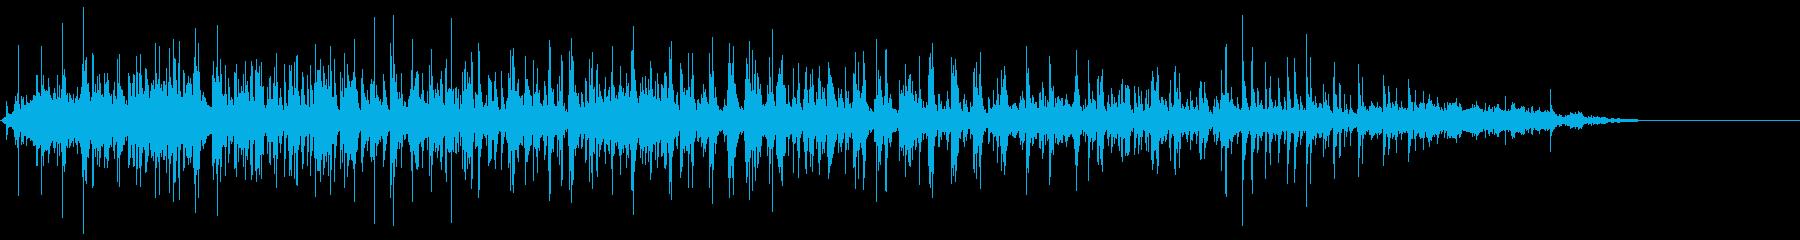 フラメンコ音楽-ナイトクラブ1の再生済みの波形